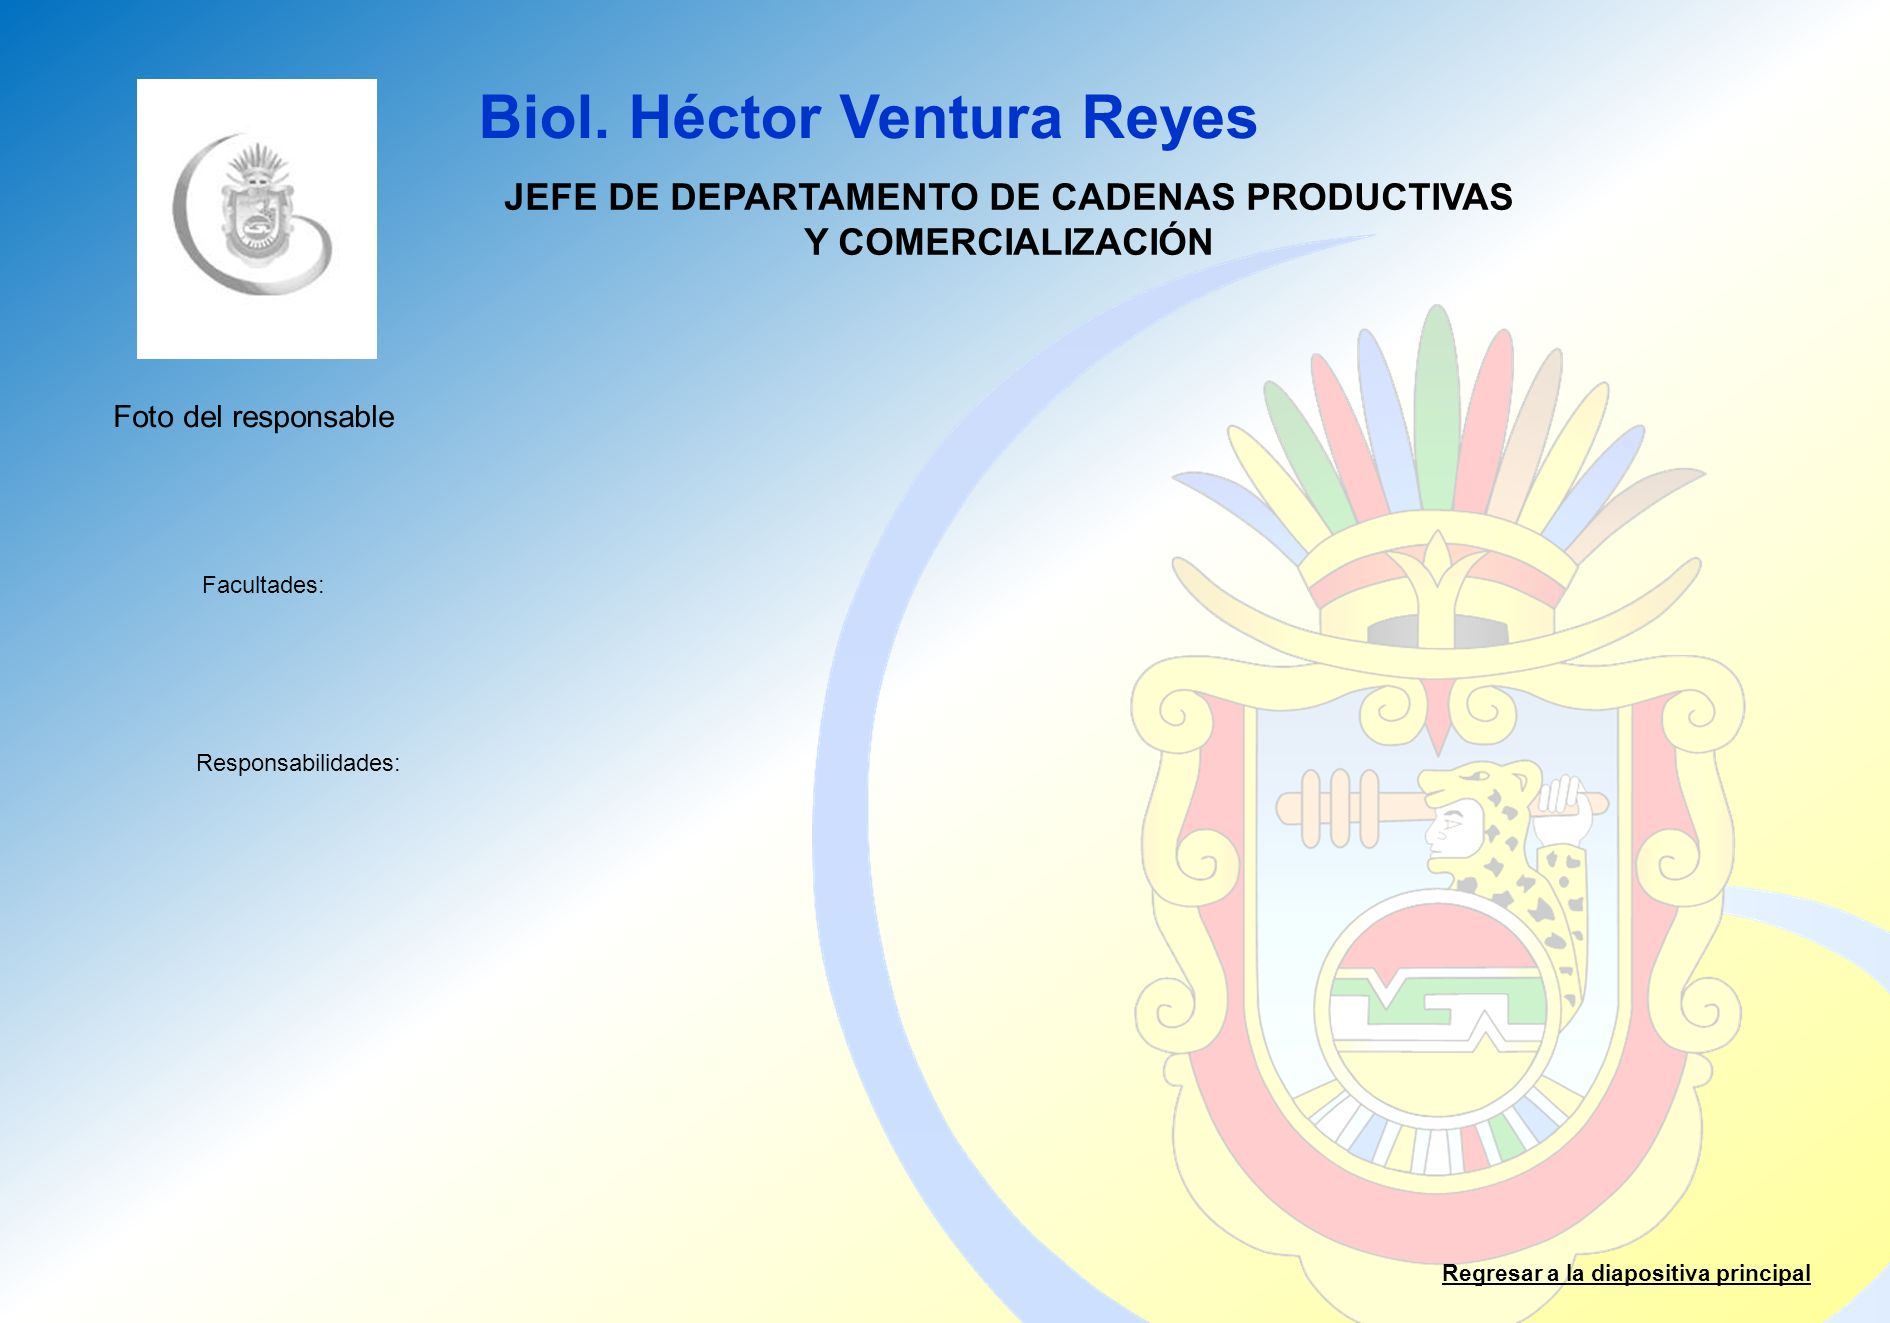 JEFE DE DEPARTAMENTO DE CADENAS PRODUCTIVAS Y COMERCIALIZACIÓN